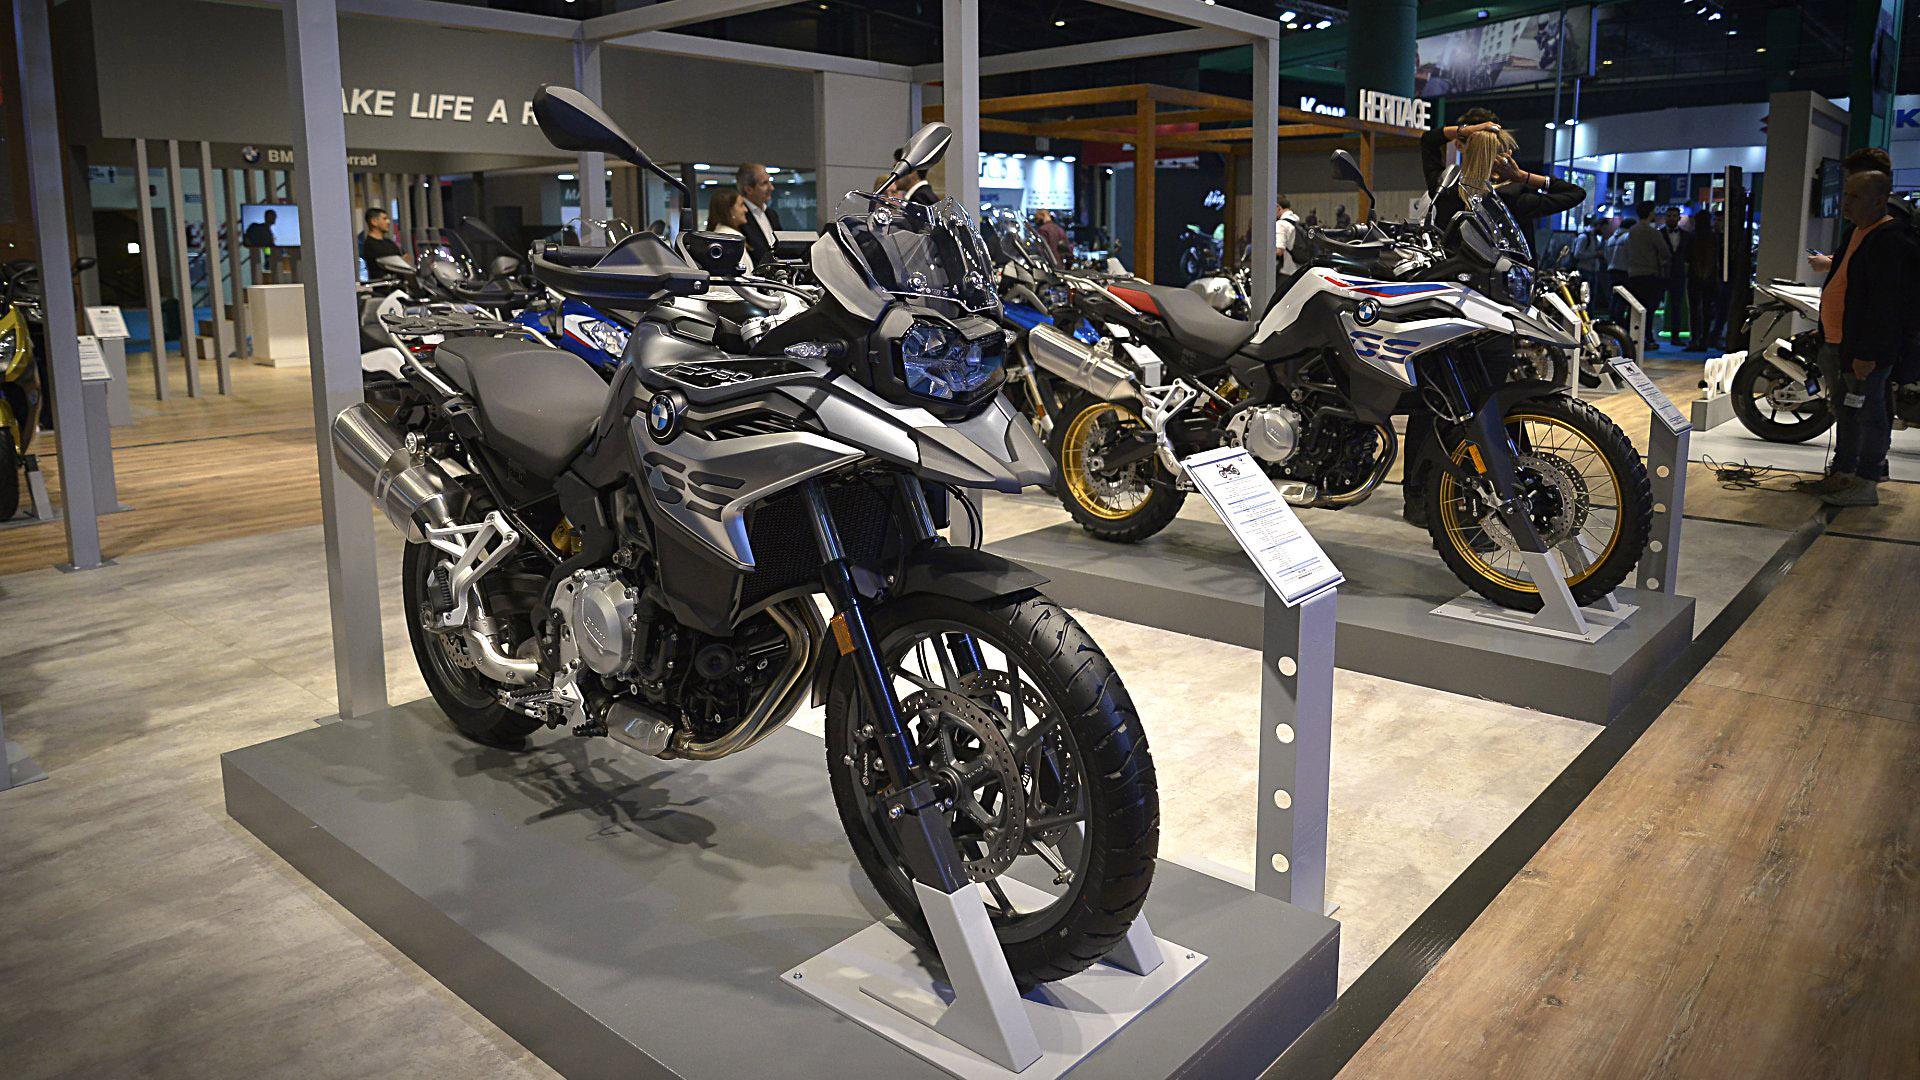 BMW Motorrad desplegó una imponente muestra en el corazón del salón. Aprovechó la oportunidad para presentar en sociedad sus dos nuevos lanzamientos: la BMW F 750 GS y la BMW F 850 GS, para ratificar su liderazgo en las motos de gran cilindrada